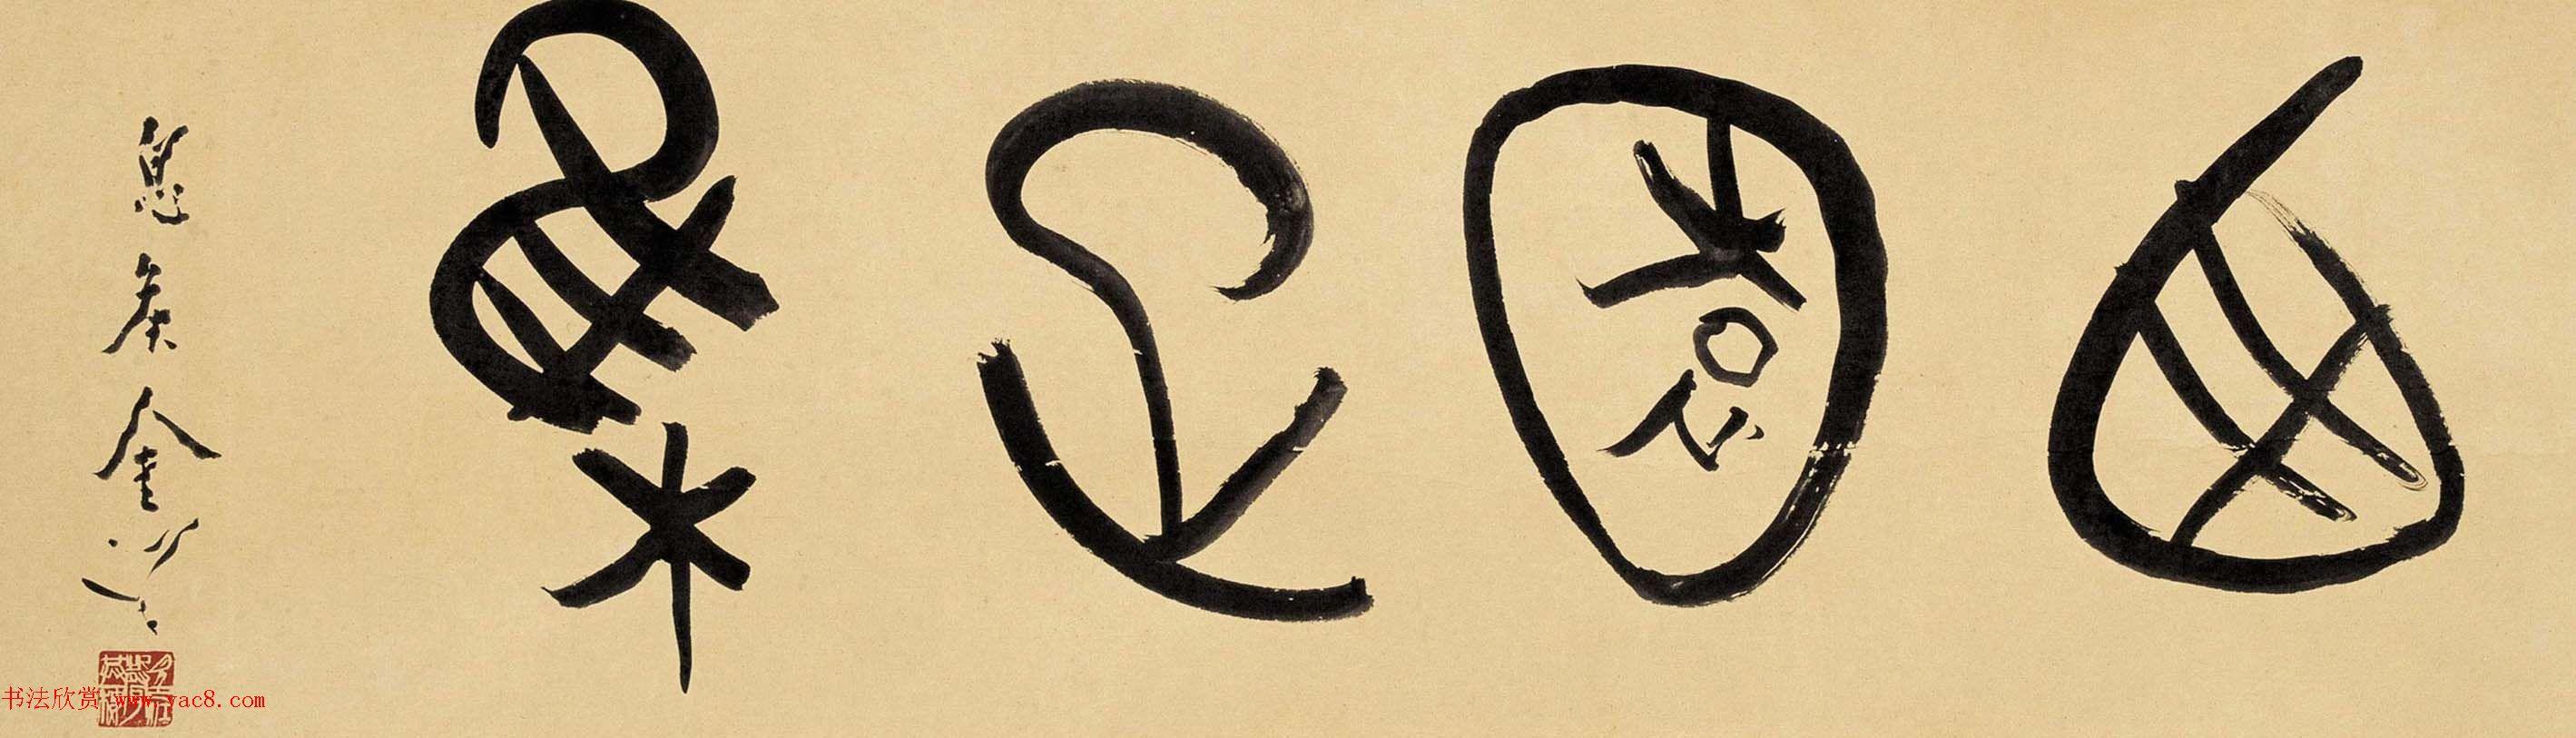 明唐寅《西园雅集图》卷附徐悲鸿等题跋_台北故宫博物院藏